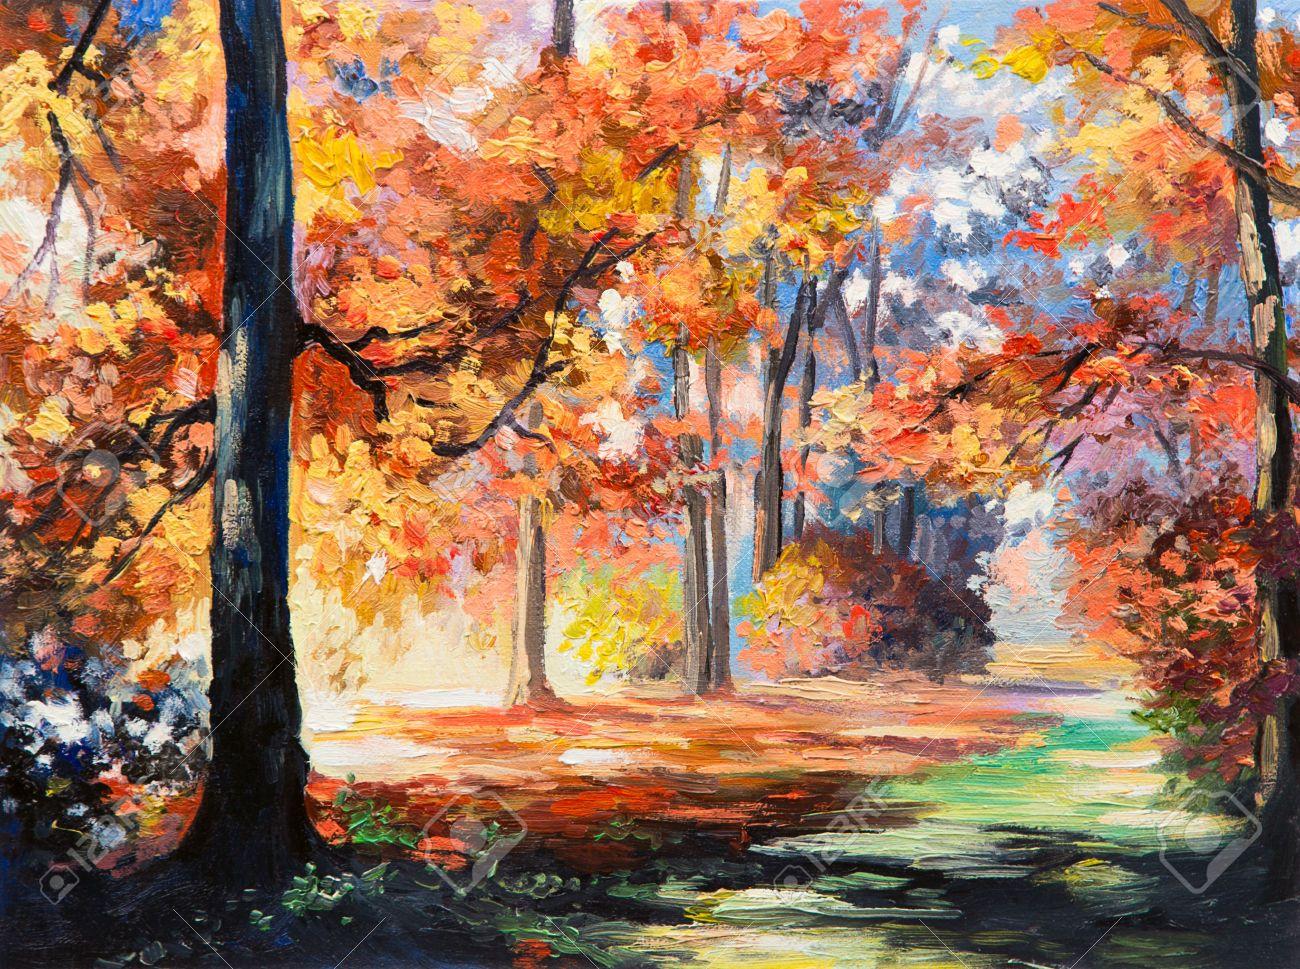 Peinture A L Huile Paysage La Foret D Automne Colore Parcours